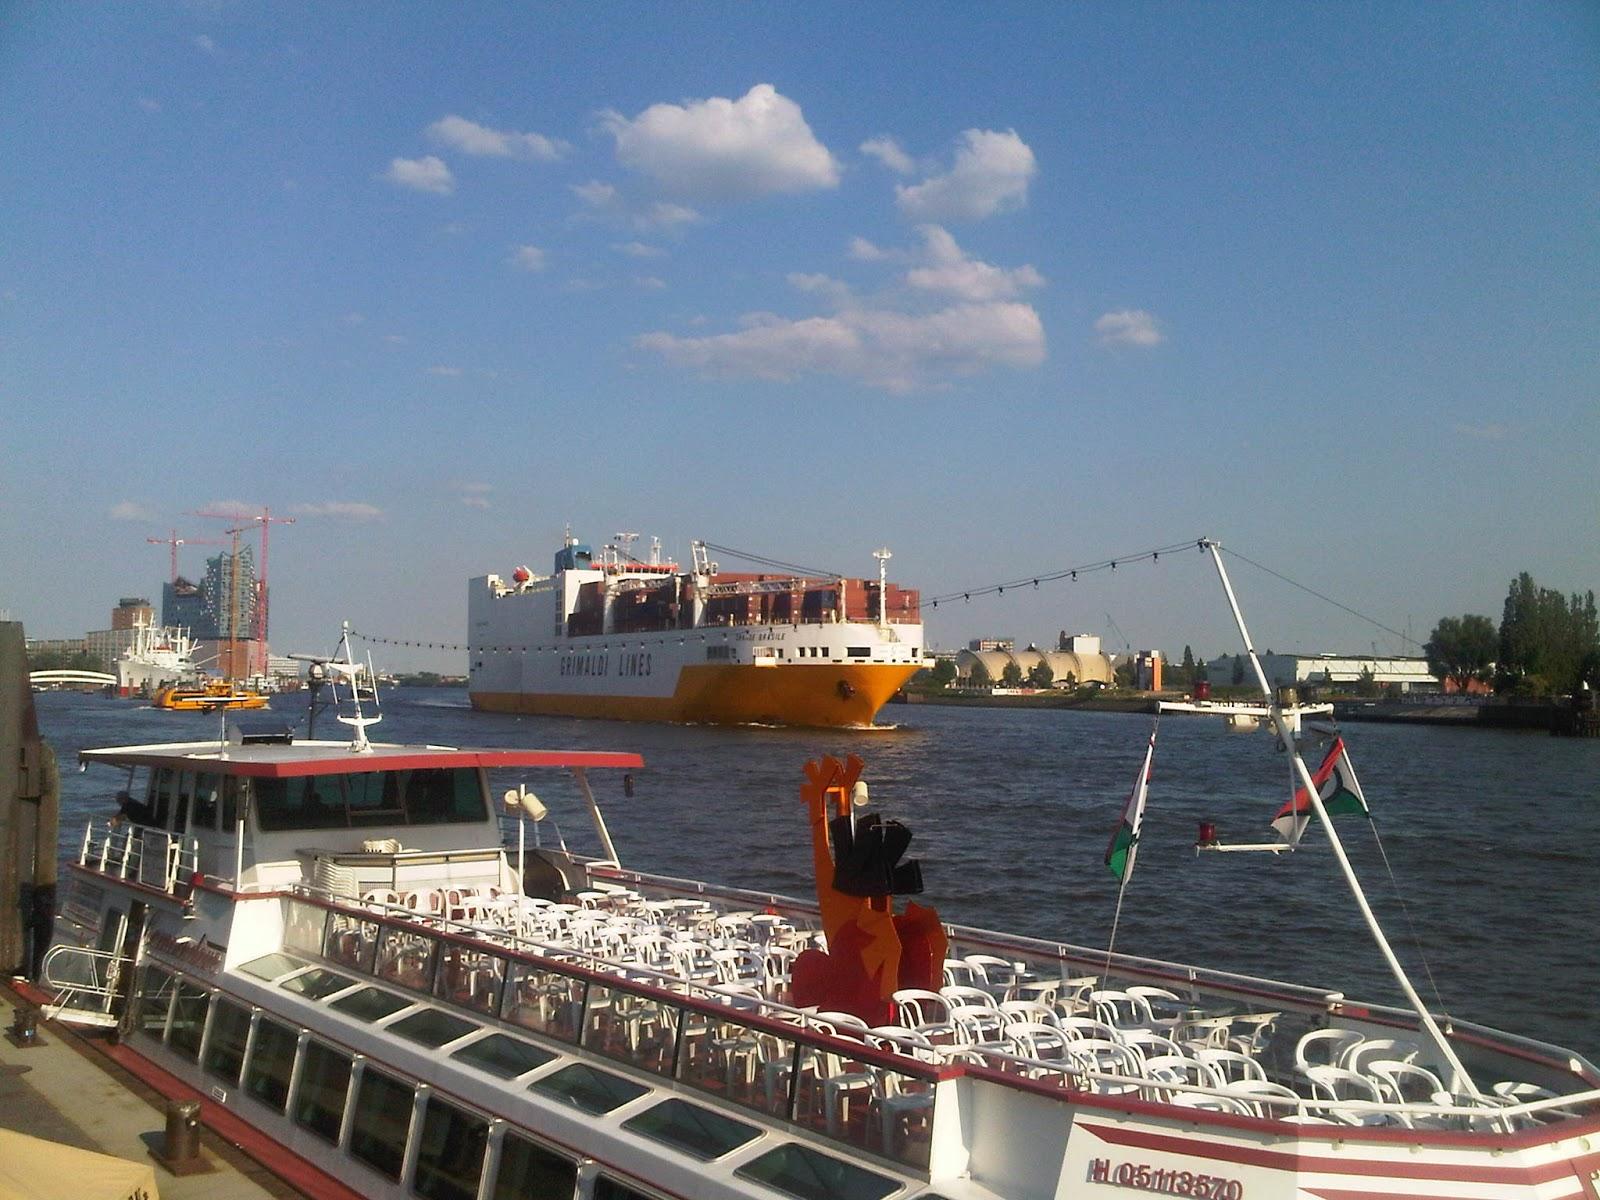 Grande Brasile der Grimaldi Lines im Hamburger Hafen